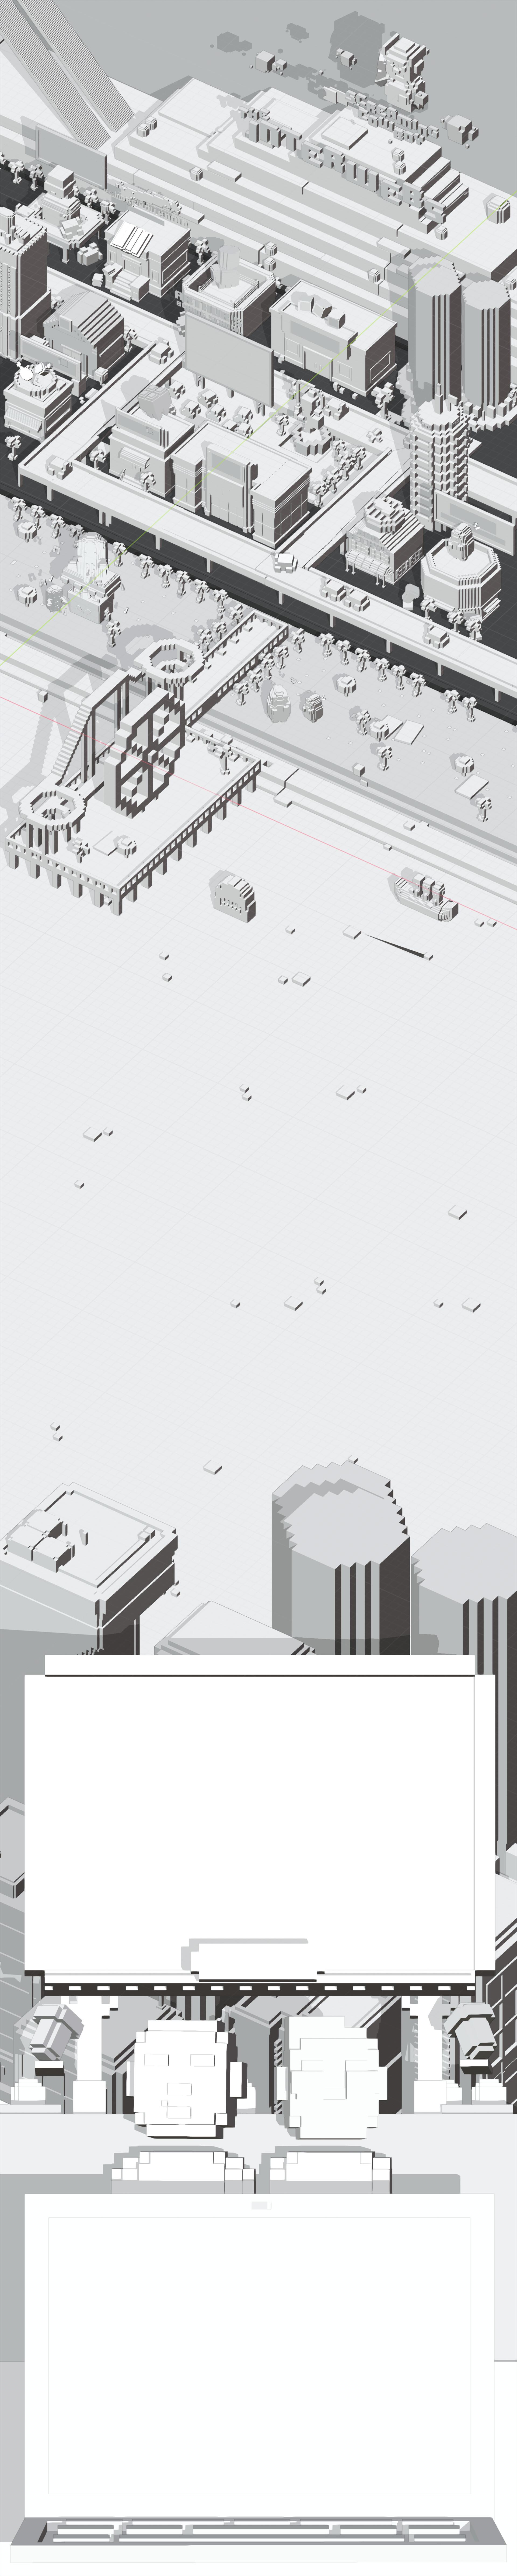 Skylar thomas wireframe voxels